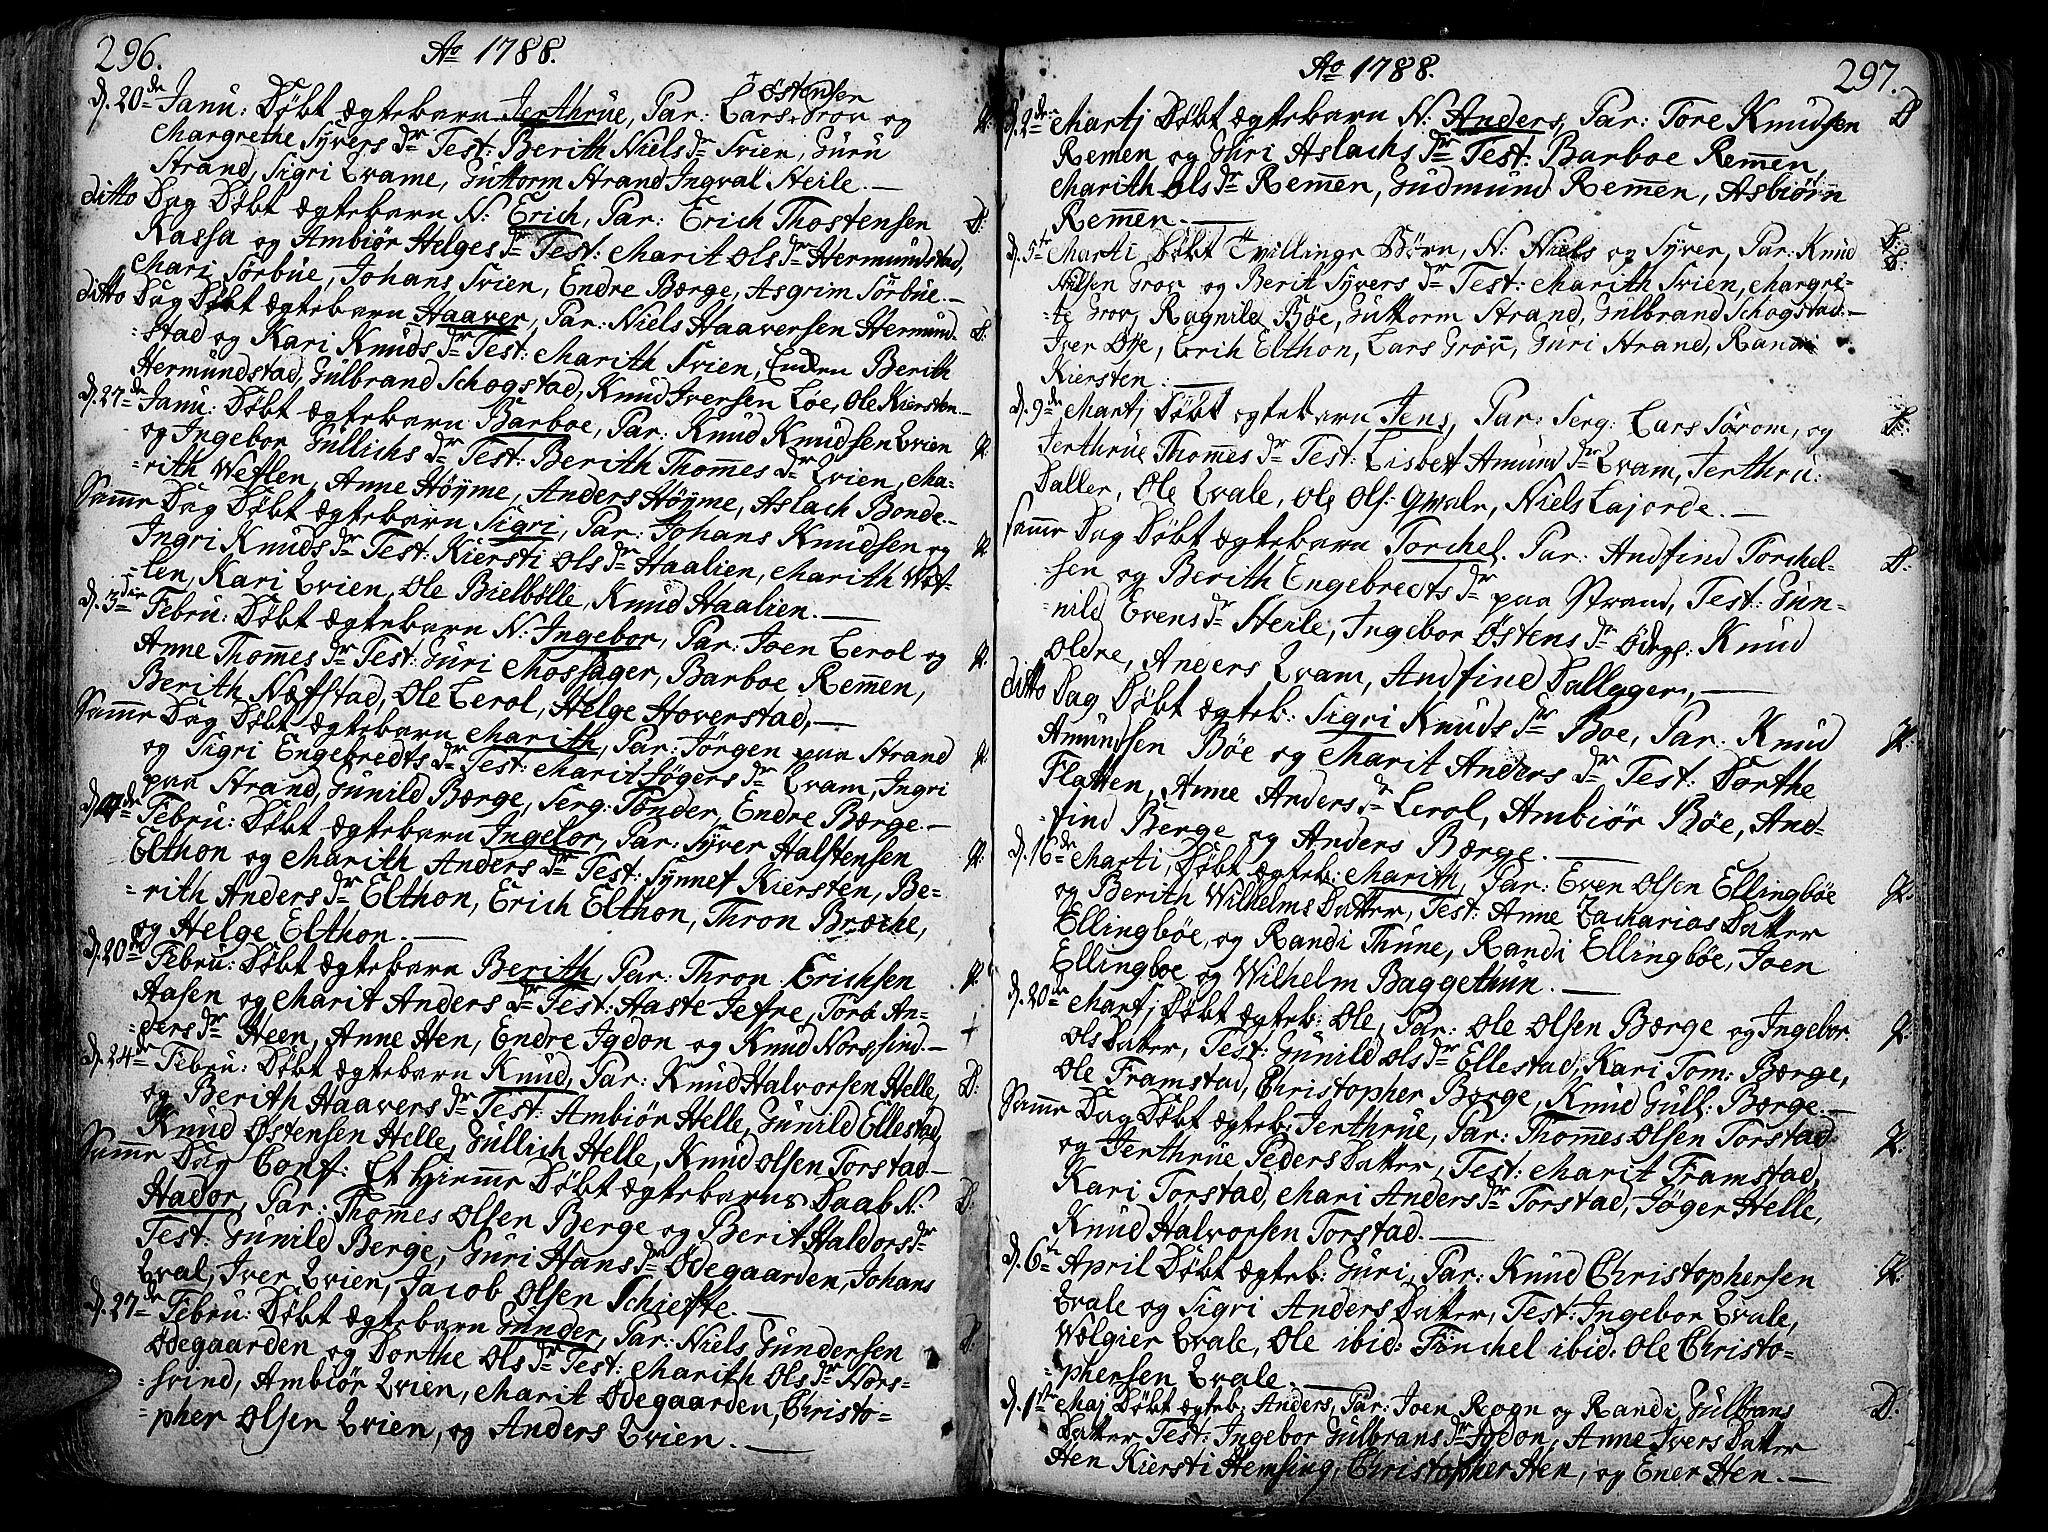 SAH, Vang prestekontor, Valdres, Ministerialbok nr. 1, 1730-1796, s. 296-297